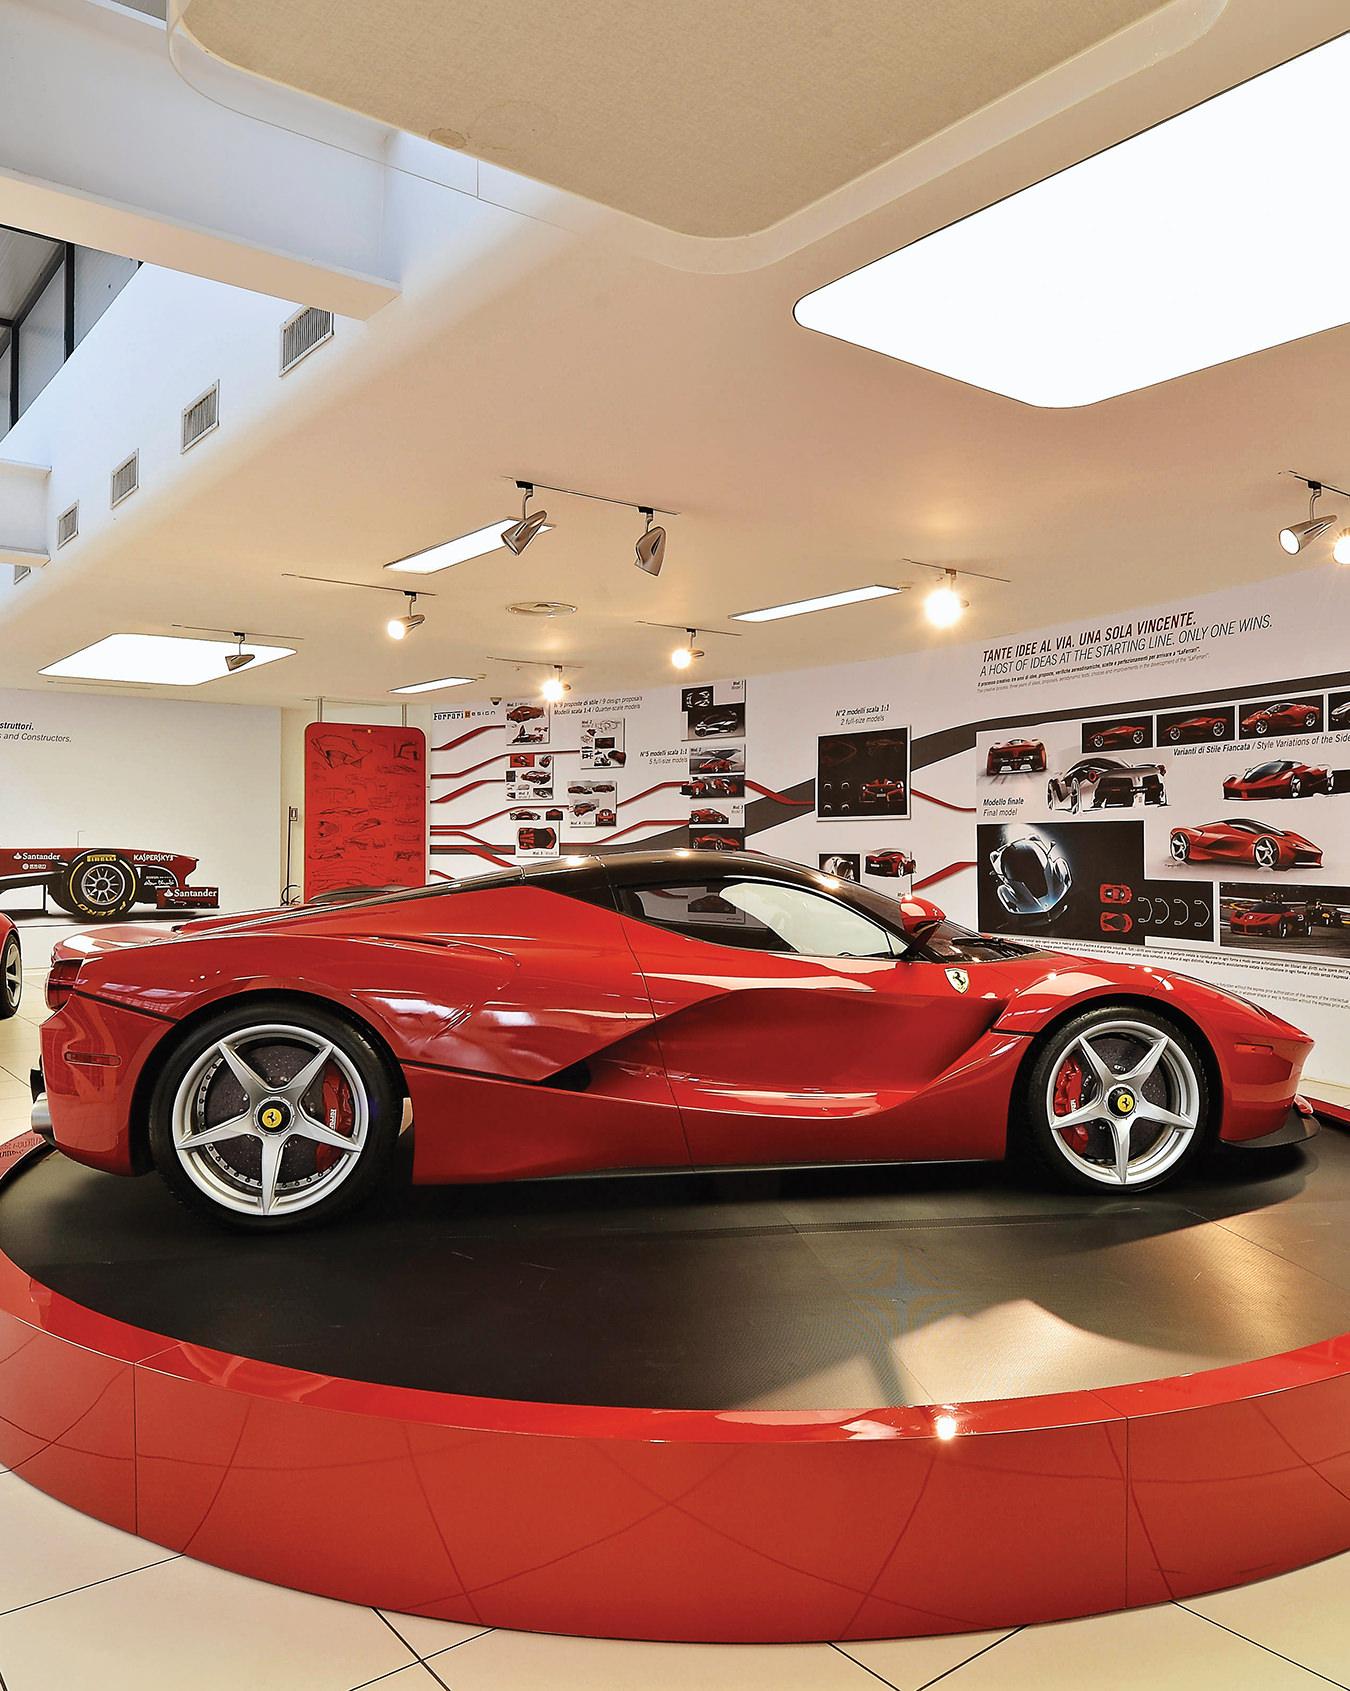 NUVO Magazine: The Museo Ferrari